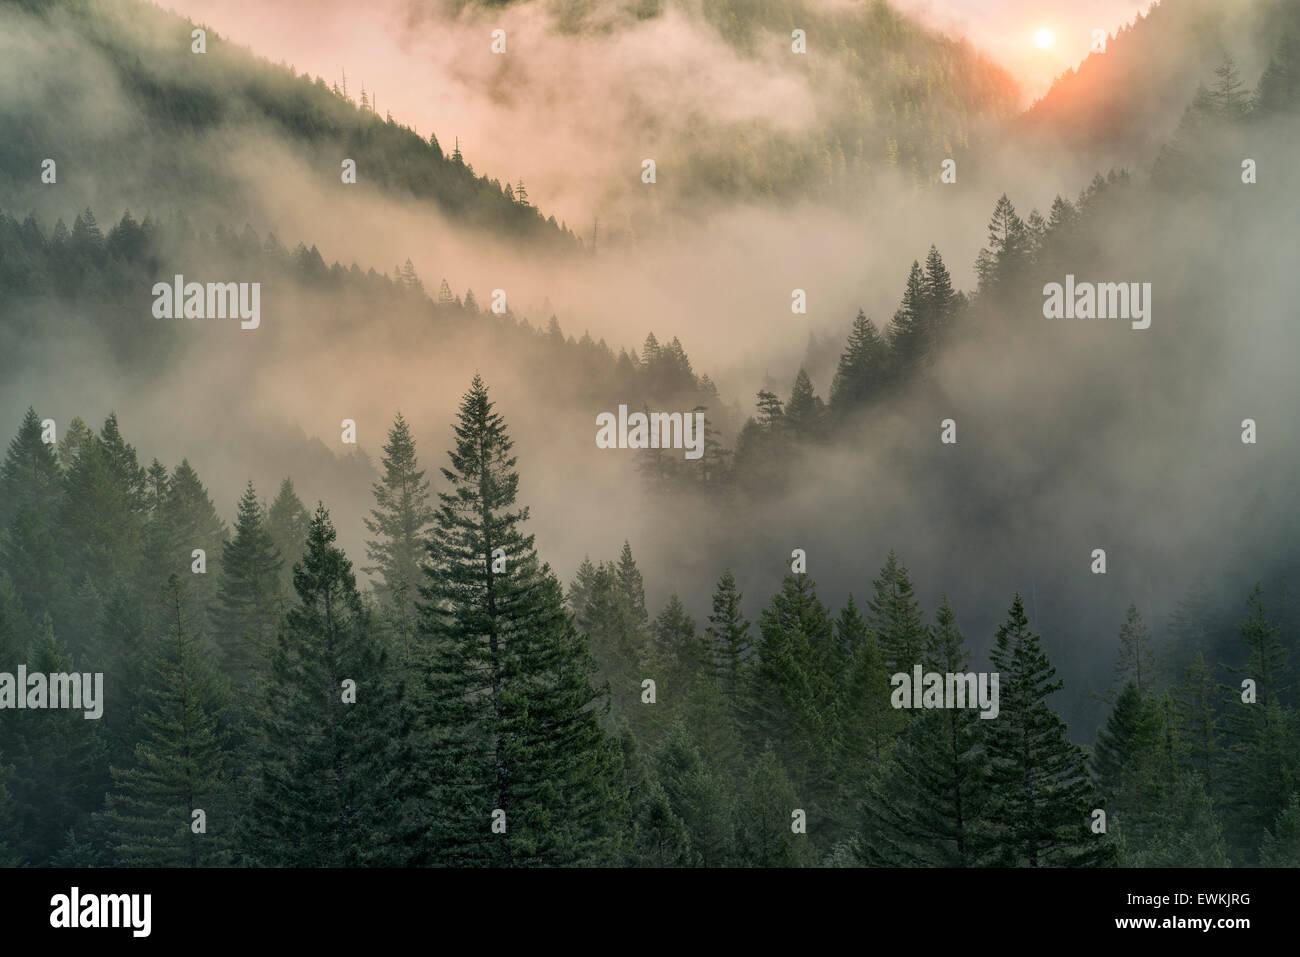 Amanecer a través de la niebla en las montañas cerca de Opal Creek, Oregon Imagen De Stock